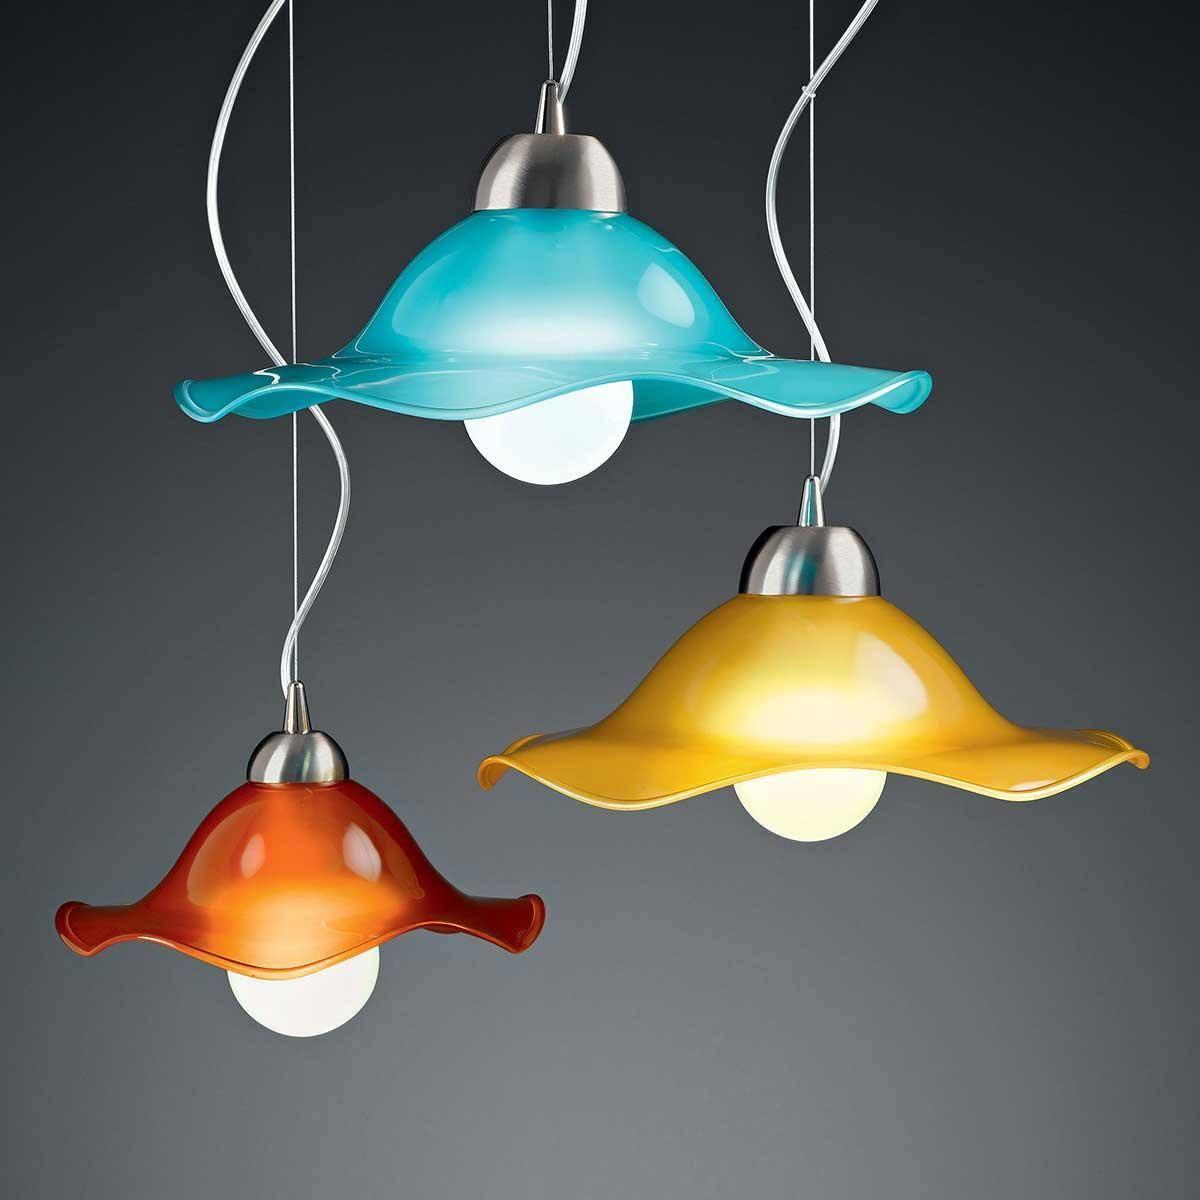 Murano Glass Pendant Lights - Murano Glass Chandeliers regarding Murano Glass Pendant Lighting (Image 12 of 15)